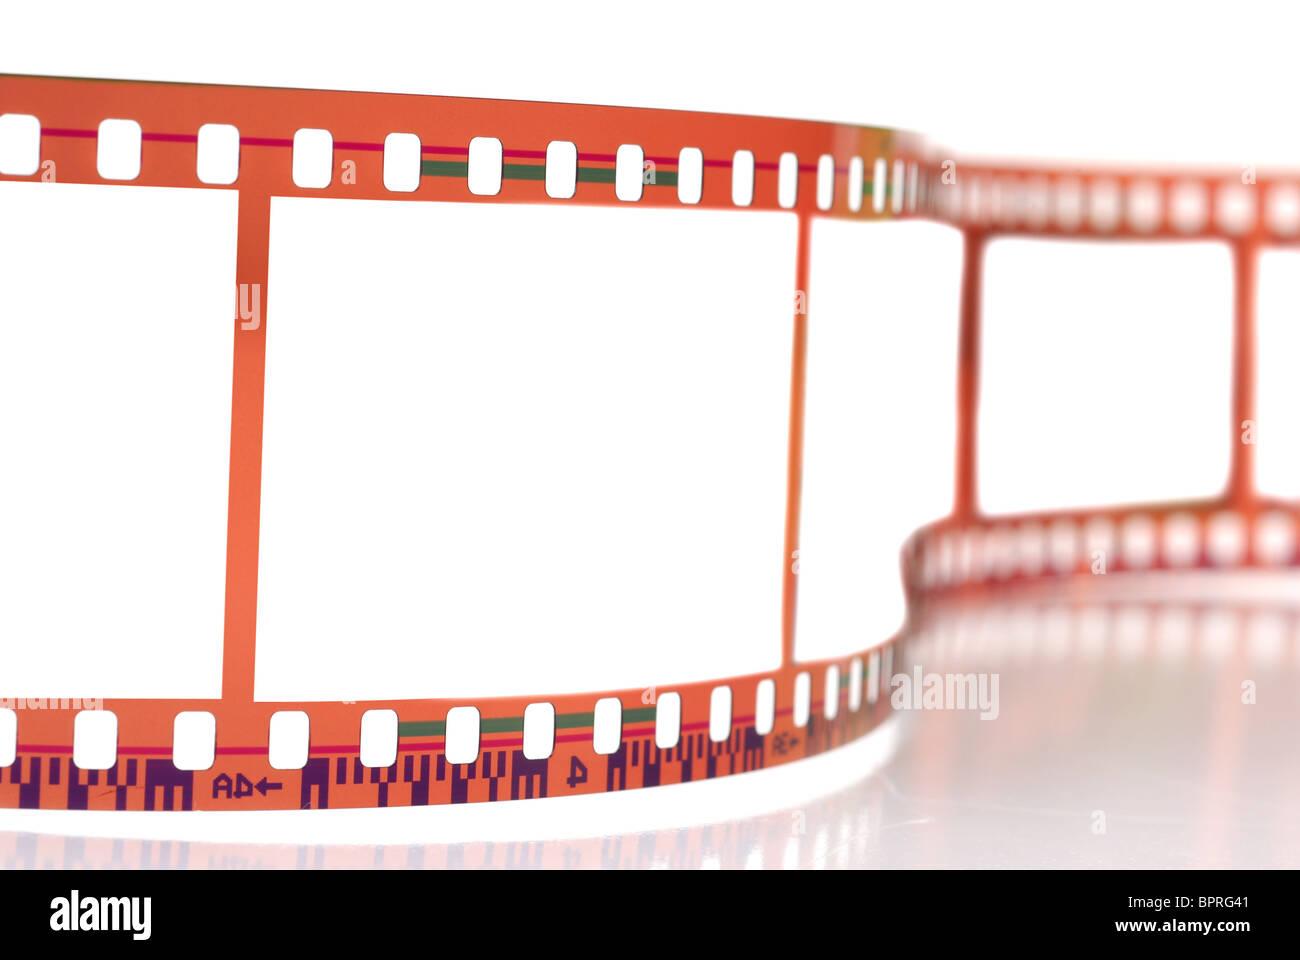 Nahaufnahme Bild des 35mm-Film strip isolierten auf weißen Hintergrund Stockbild